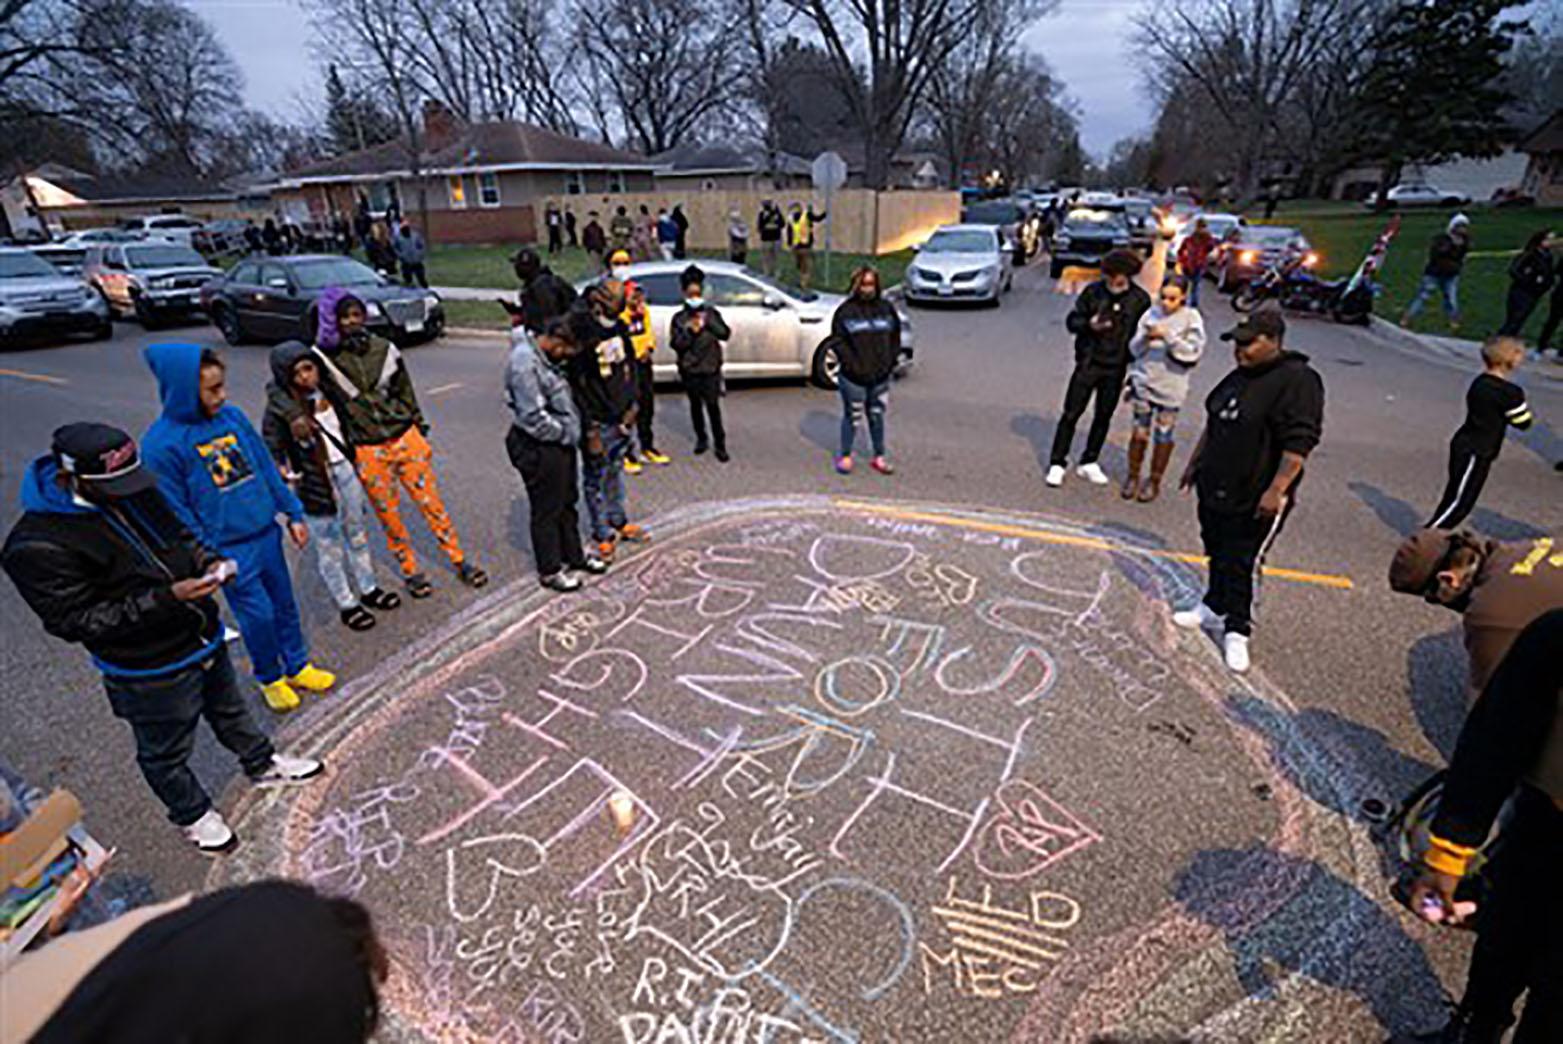 Los/as manifestantes se reúnen después de que un oficial de policía de Brooklyn Park disparó y mató a Daunte Wright el 11 de abril. Foto cortesía de la Conferencia Anual de Minnesota.